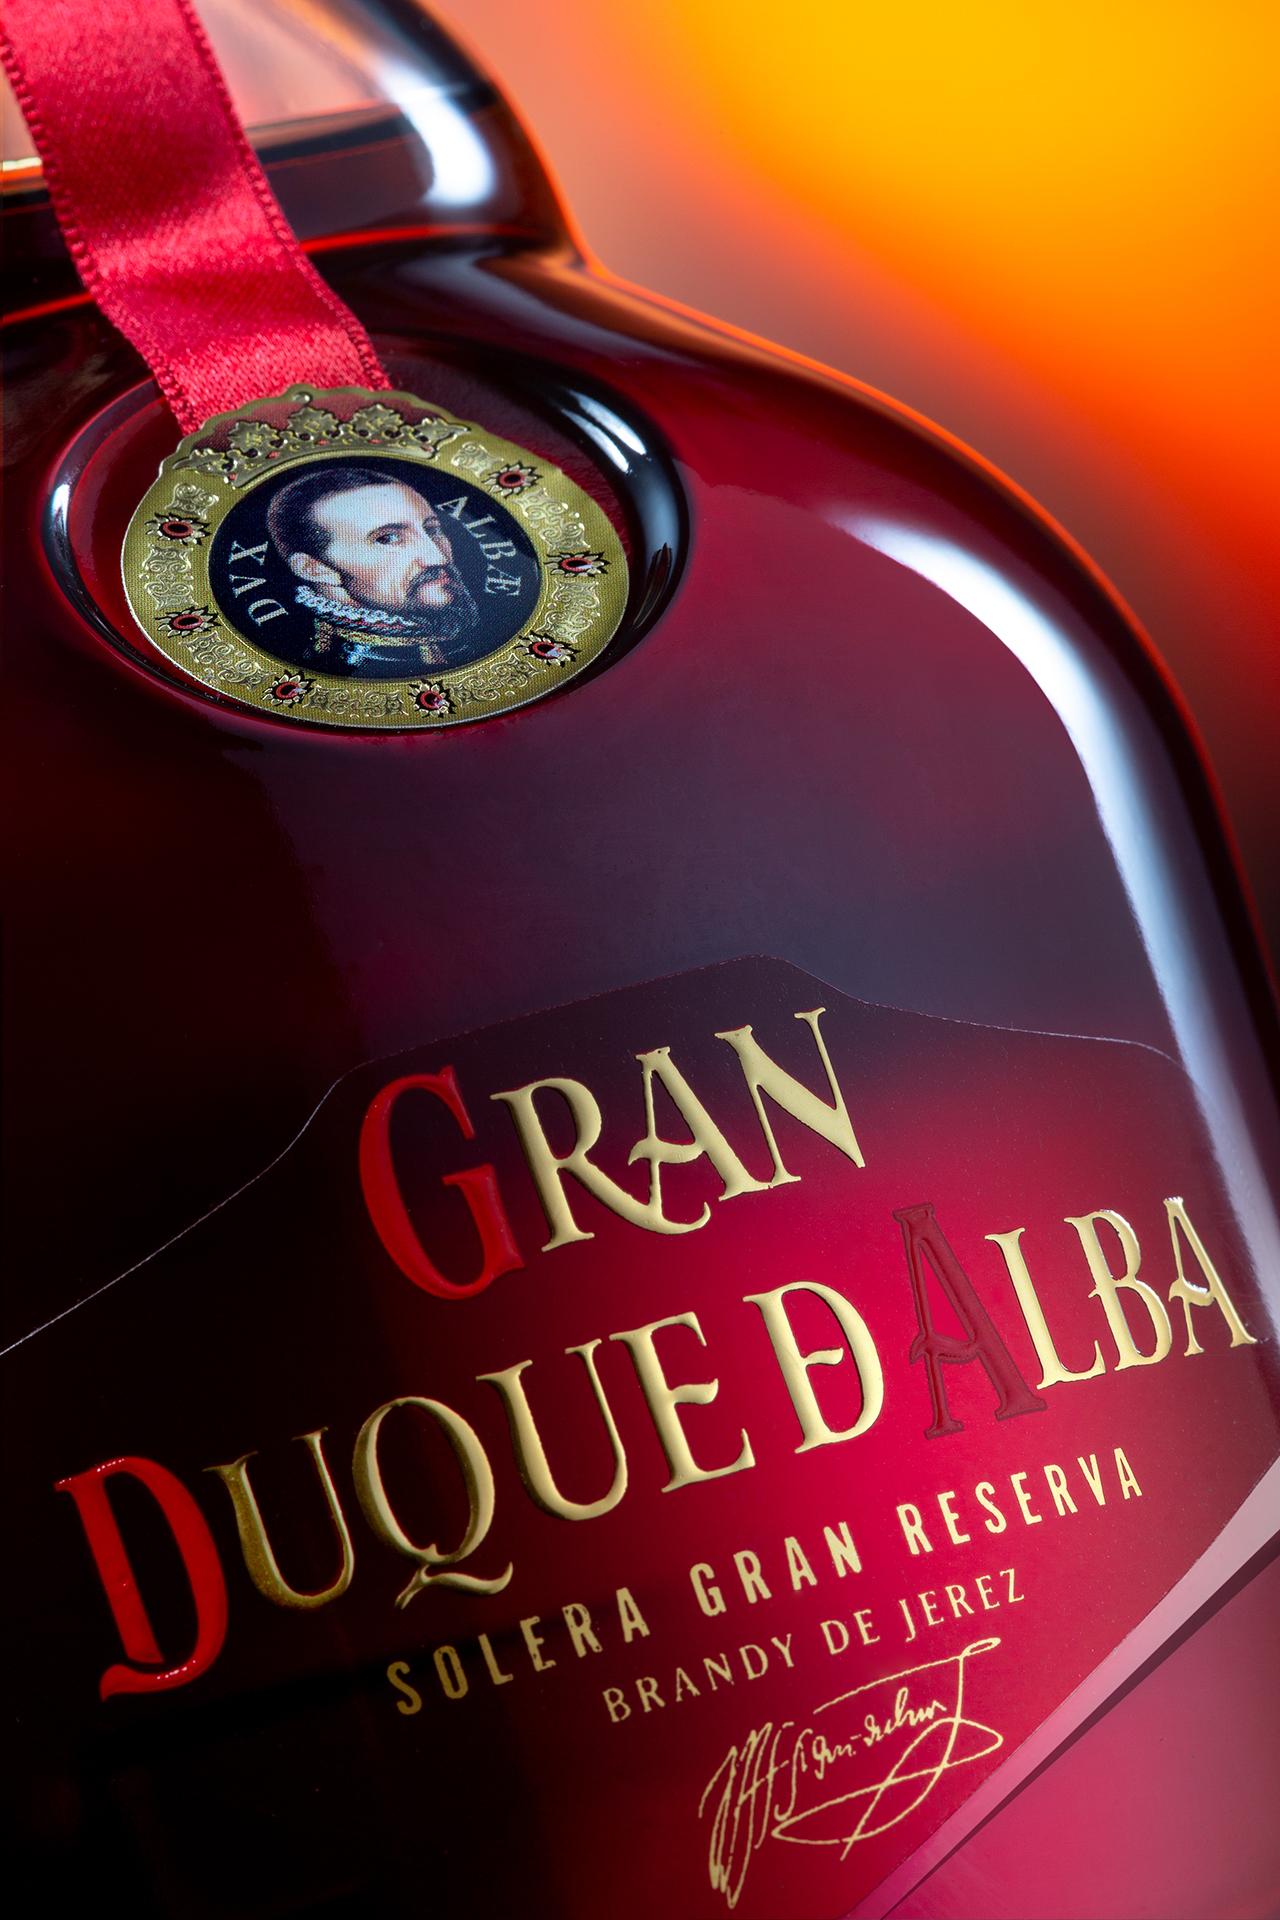 brandy Solera Gran Reserva